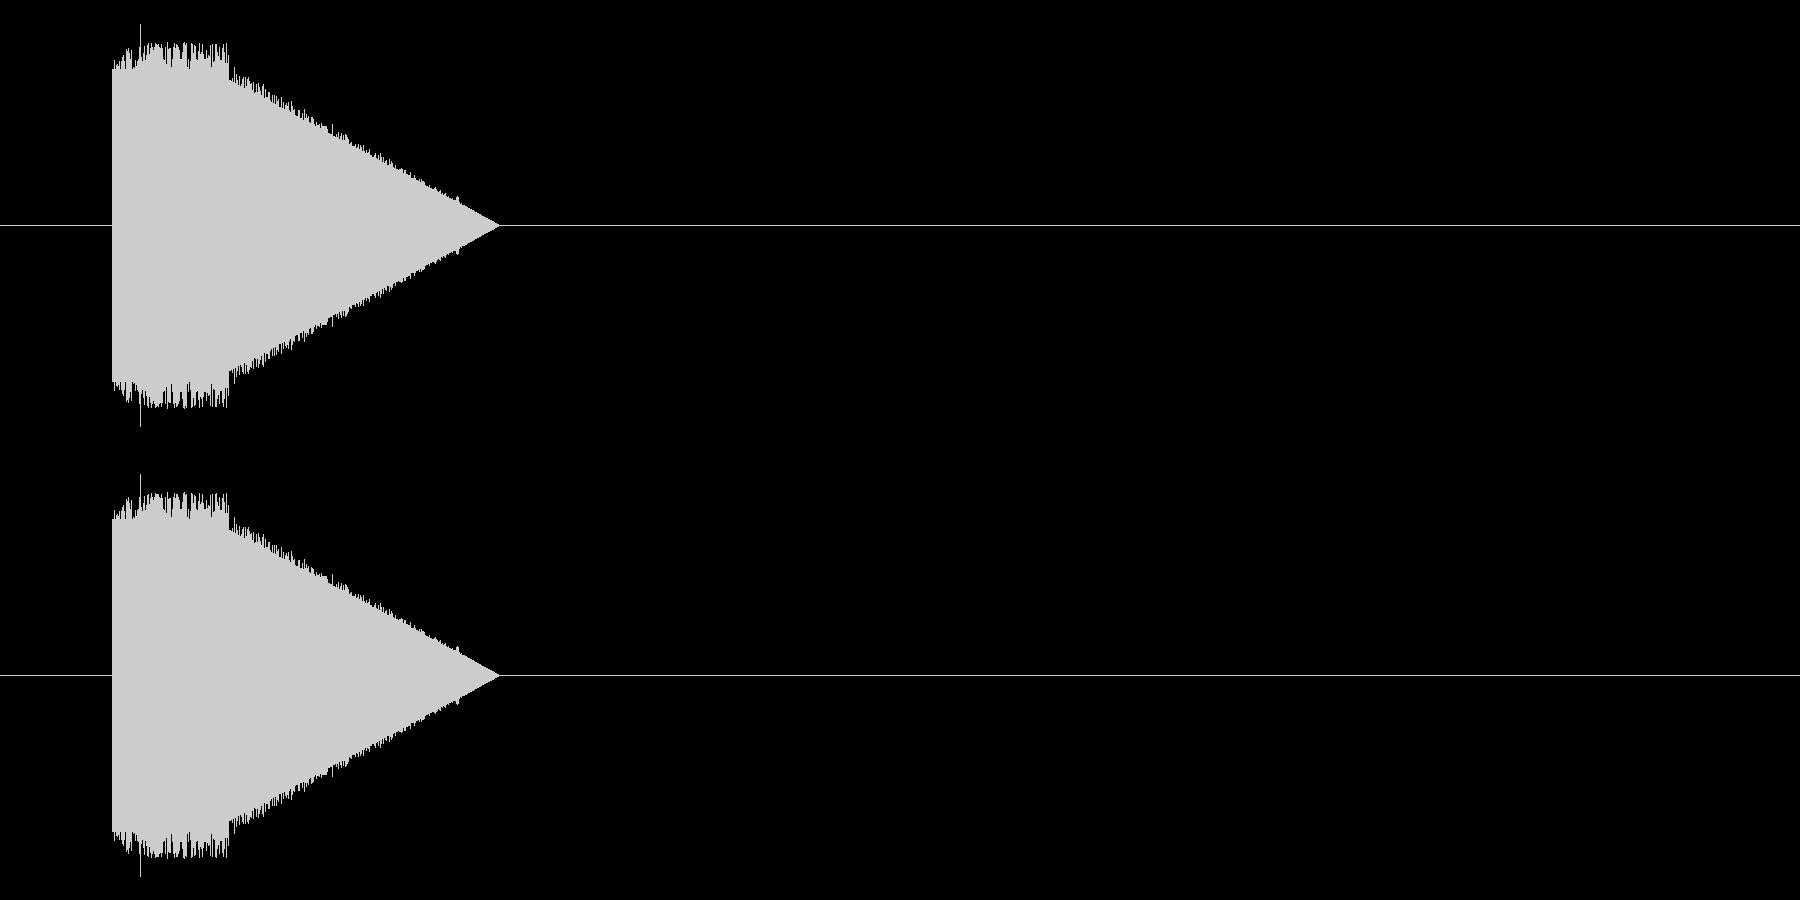 【GB 汎用03-06(ノイズ)】 の未再生の波形